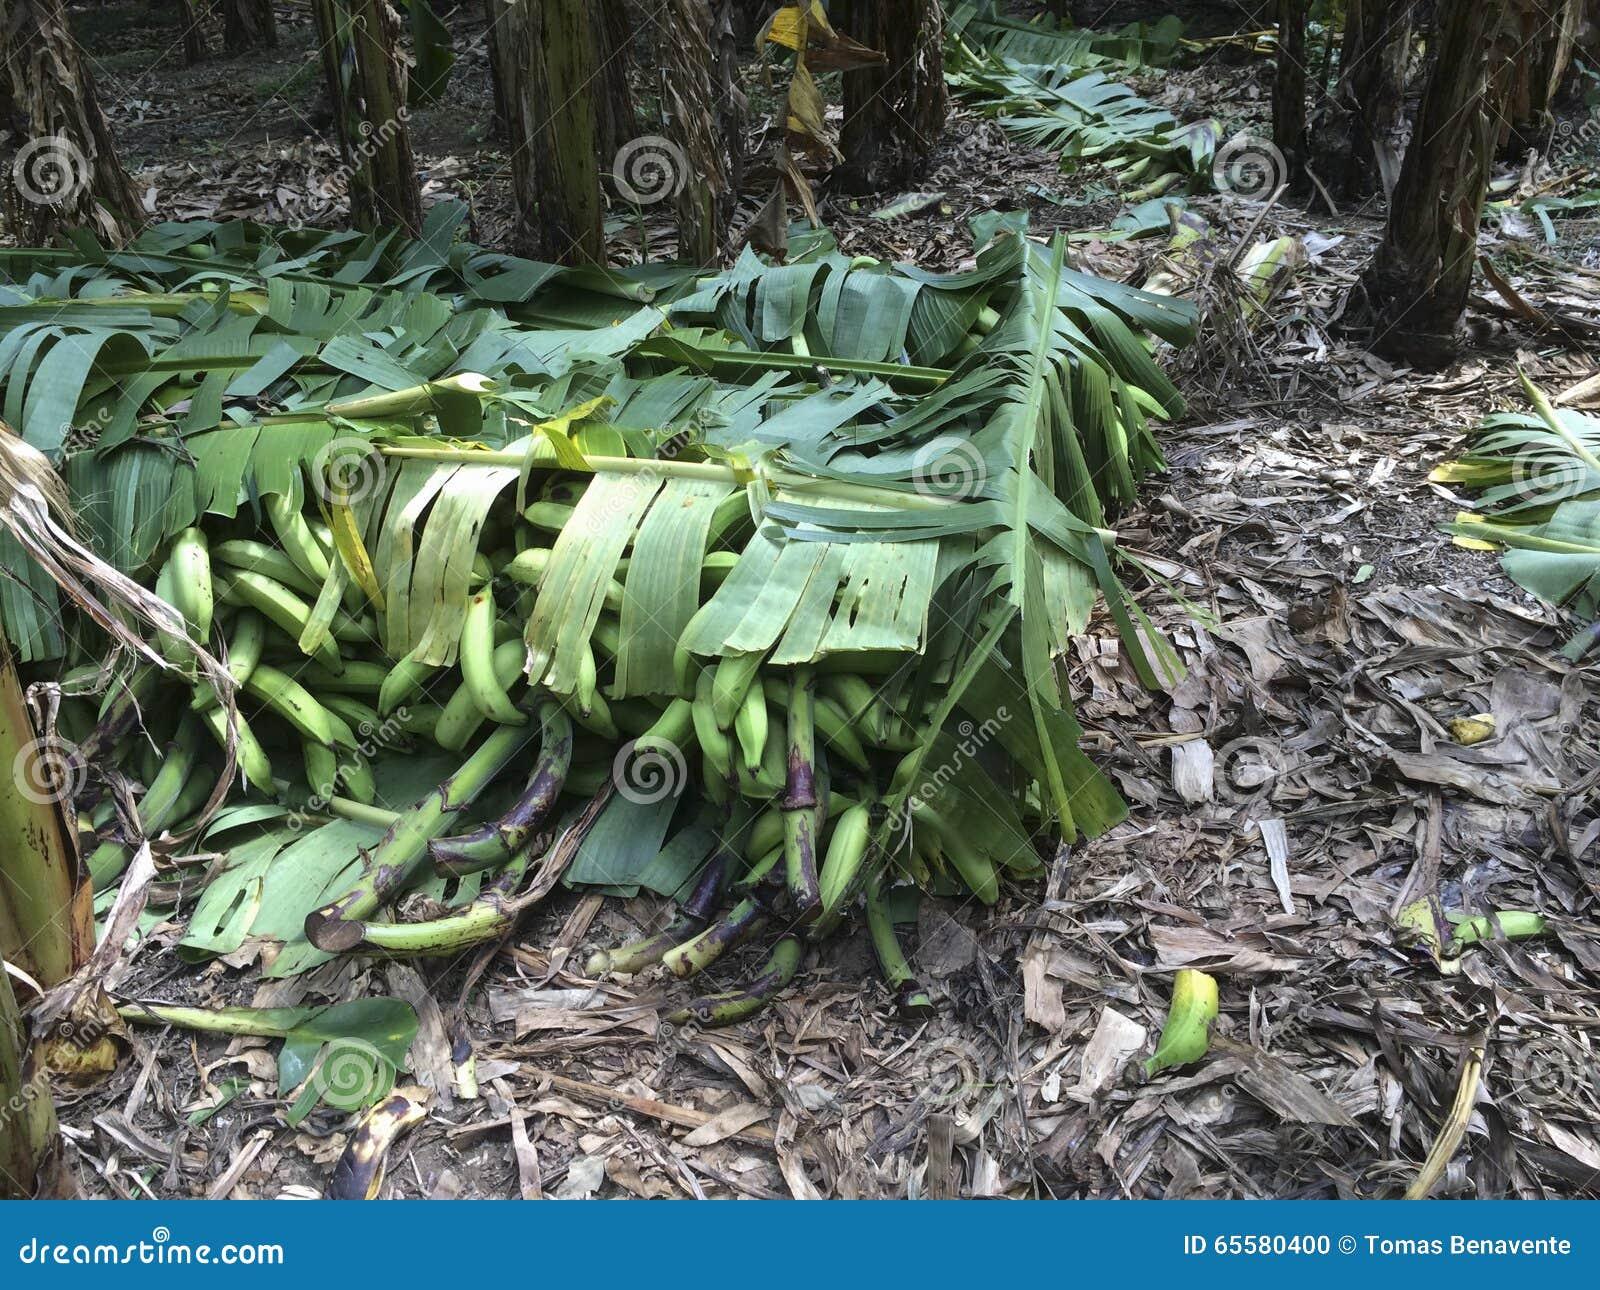 Banana pronta para ser enviado, agricultura, negócio